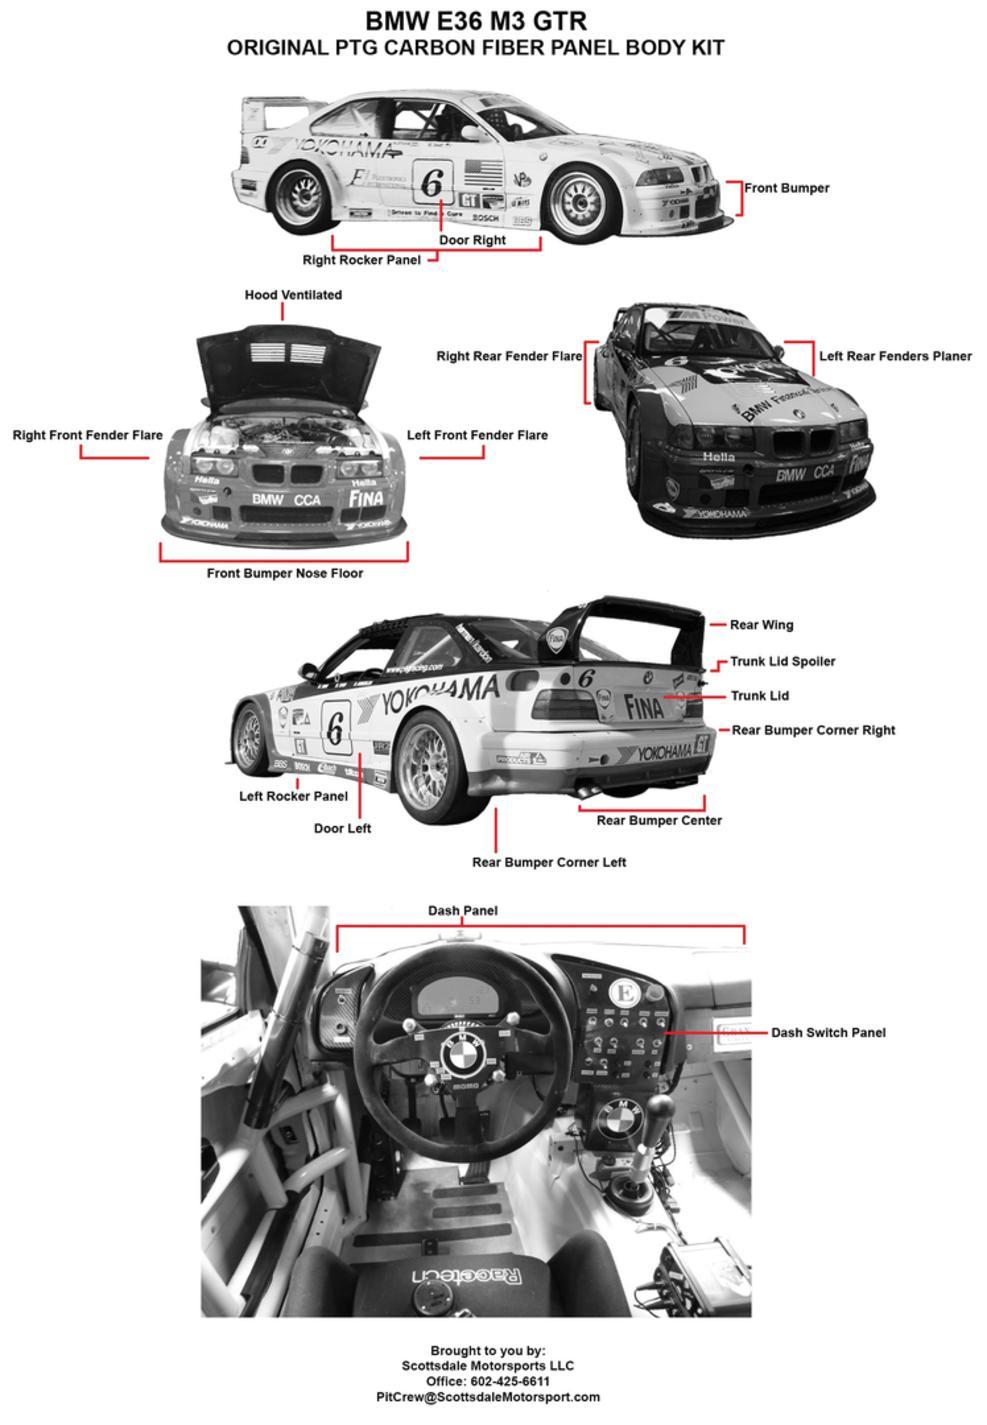 BMW CARBON FIBER PARTS & AERODYNAMICS